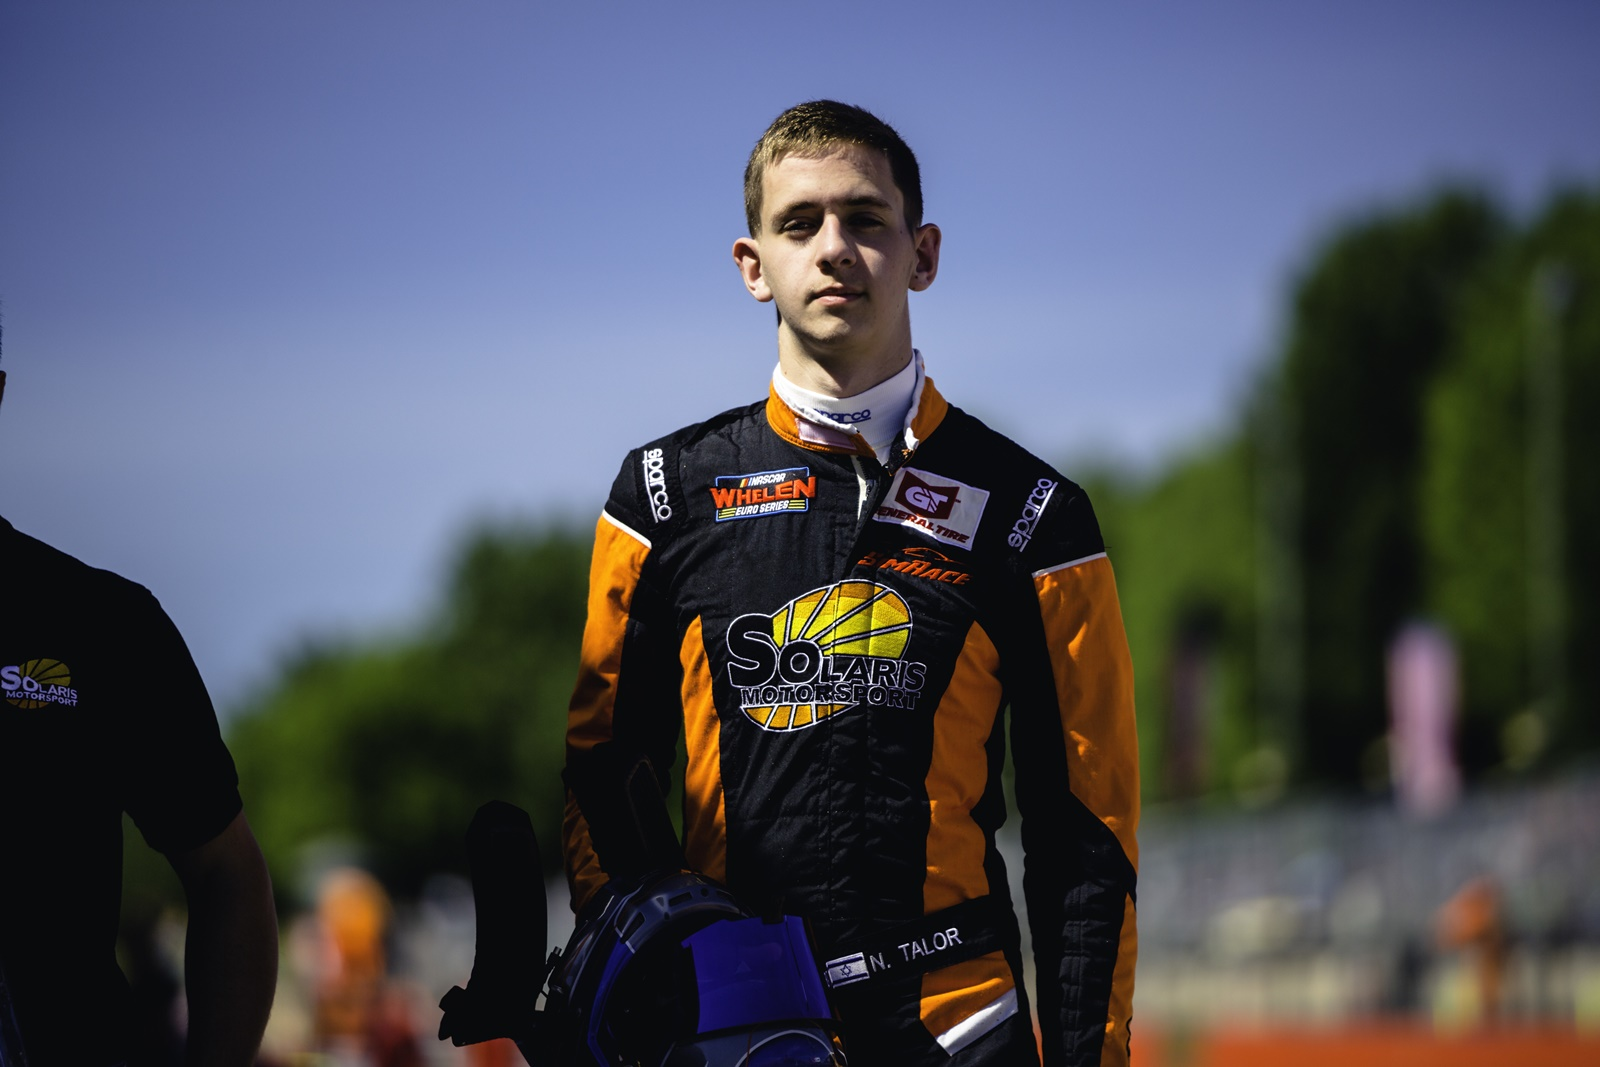 """Photo of Euro Nascar – Talor: """"Graças NASCAR, agora eu quero fazer valer o meu trabalho!"""""""